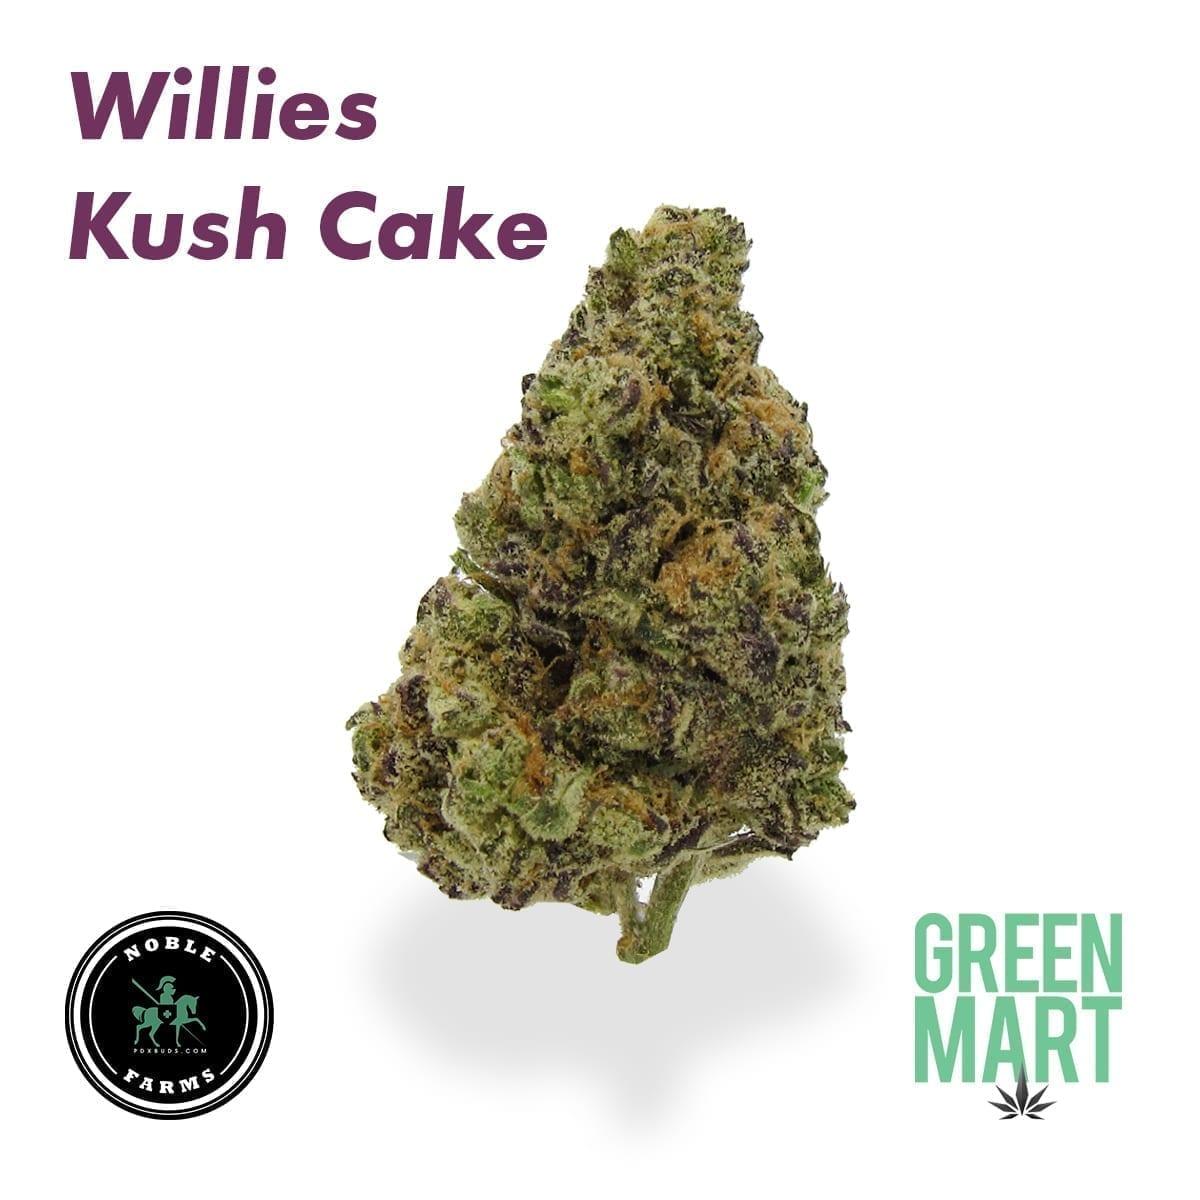 Willie's Kush Cake